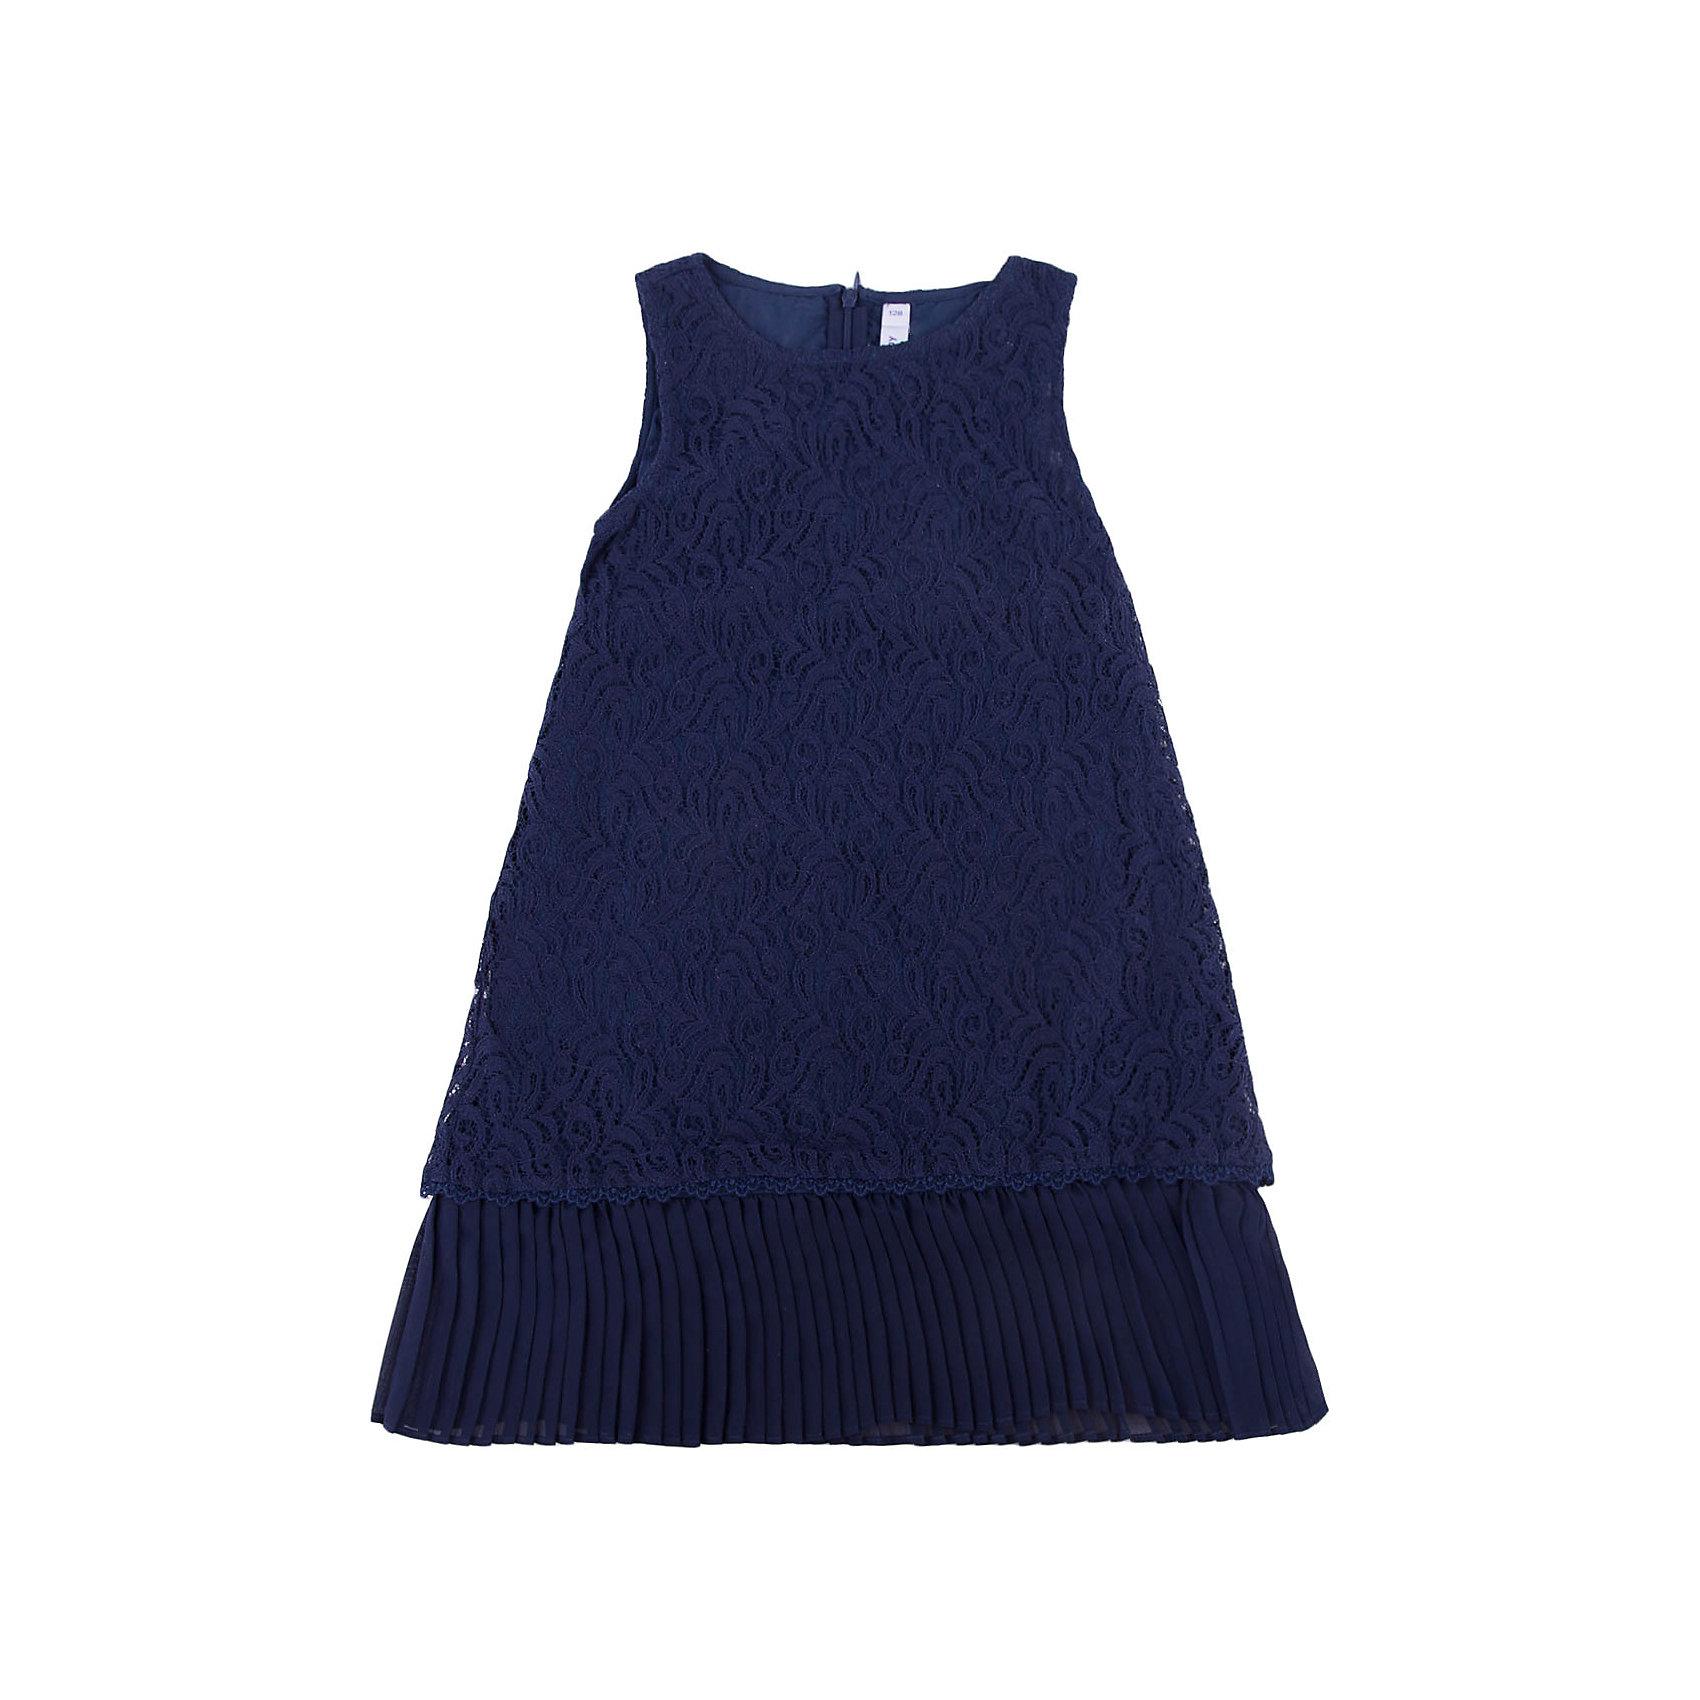 Нарядное платье для девочки PlayTodayОдежда<br>Платье для девочки от известного бренда PlayToday.<br>Платье без рукавов.<br><br>Верх из нежного гипюра, мягкая хлопковая подкладка обеспечивает удобство. По низу плиссированная отделка. Застегивается на потайную молнию сзади.<br>Состав:<br>Верх: 80% хлопок, 20% полиамид; подкладка: 100% хлопок<br><br>Ширина мм: 236<br>Глубина мм: 16<br>Высота мм: 184<br>Вес г: 177<br>Цвет: синий<br>Возраст от месяцев: 72<br>Возраст до месяцев: 84<br>Пол: Женский<br>Возраст: Детский<br>Размер: 128,110,116,98,122,104<br>SKU: 5113812